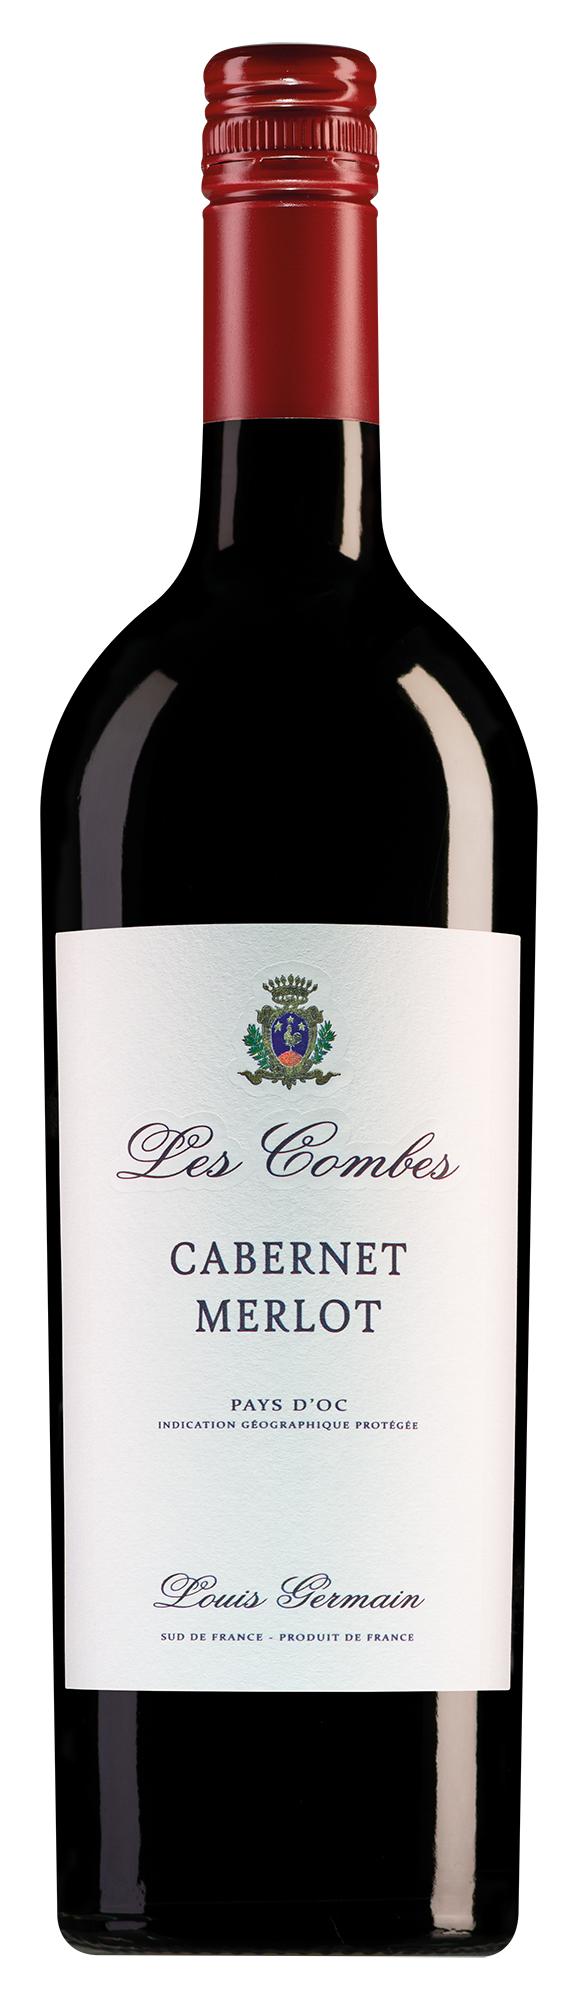 Louis Germain Pays d'Oc Les Combes Cabernet-Merlot